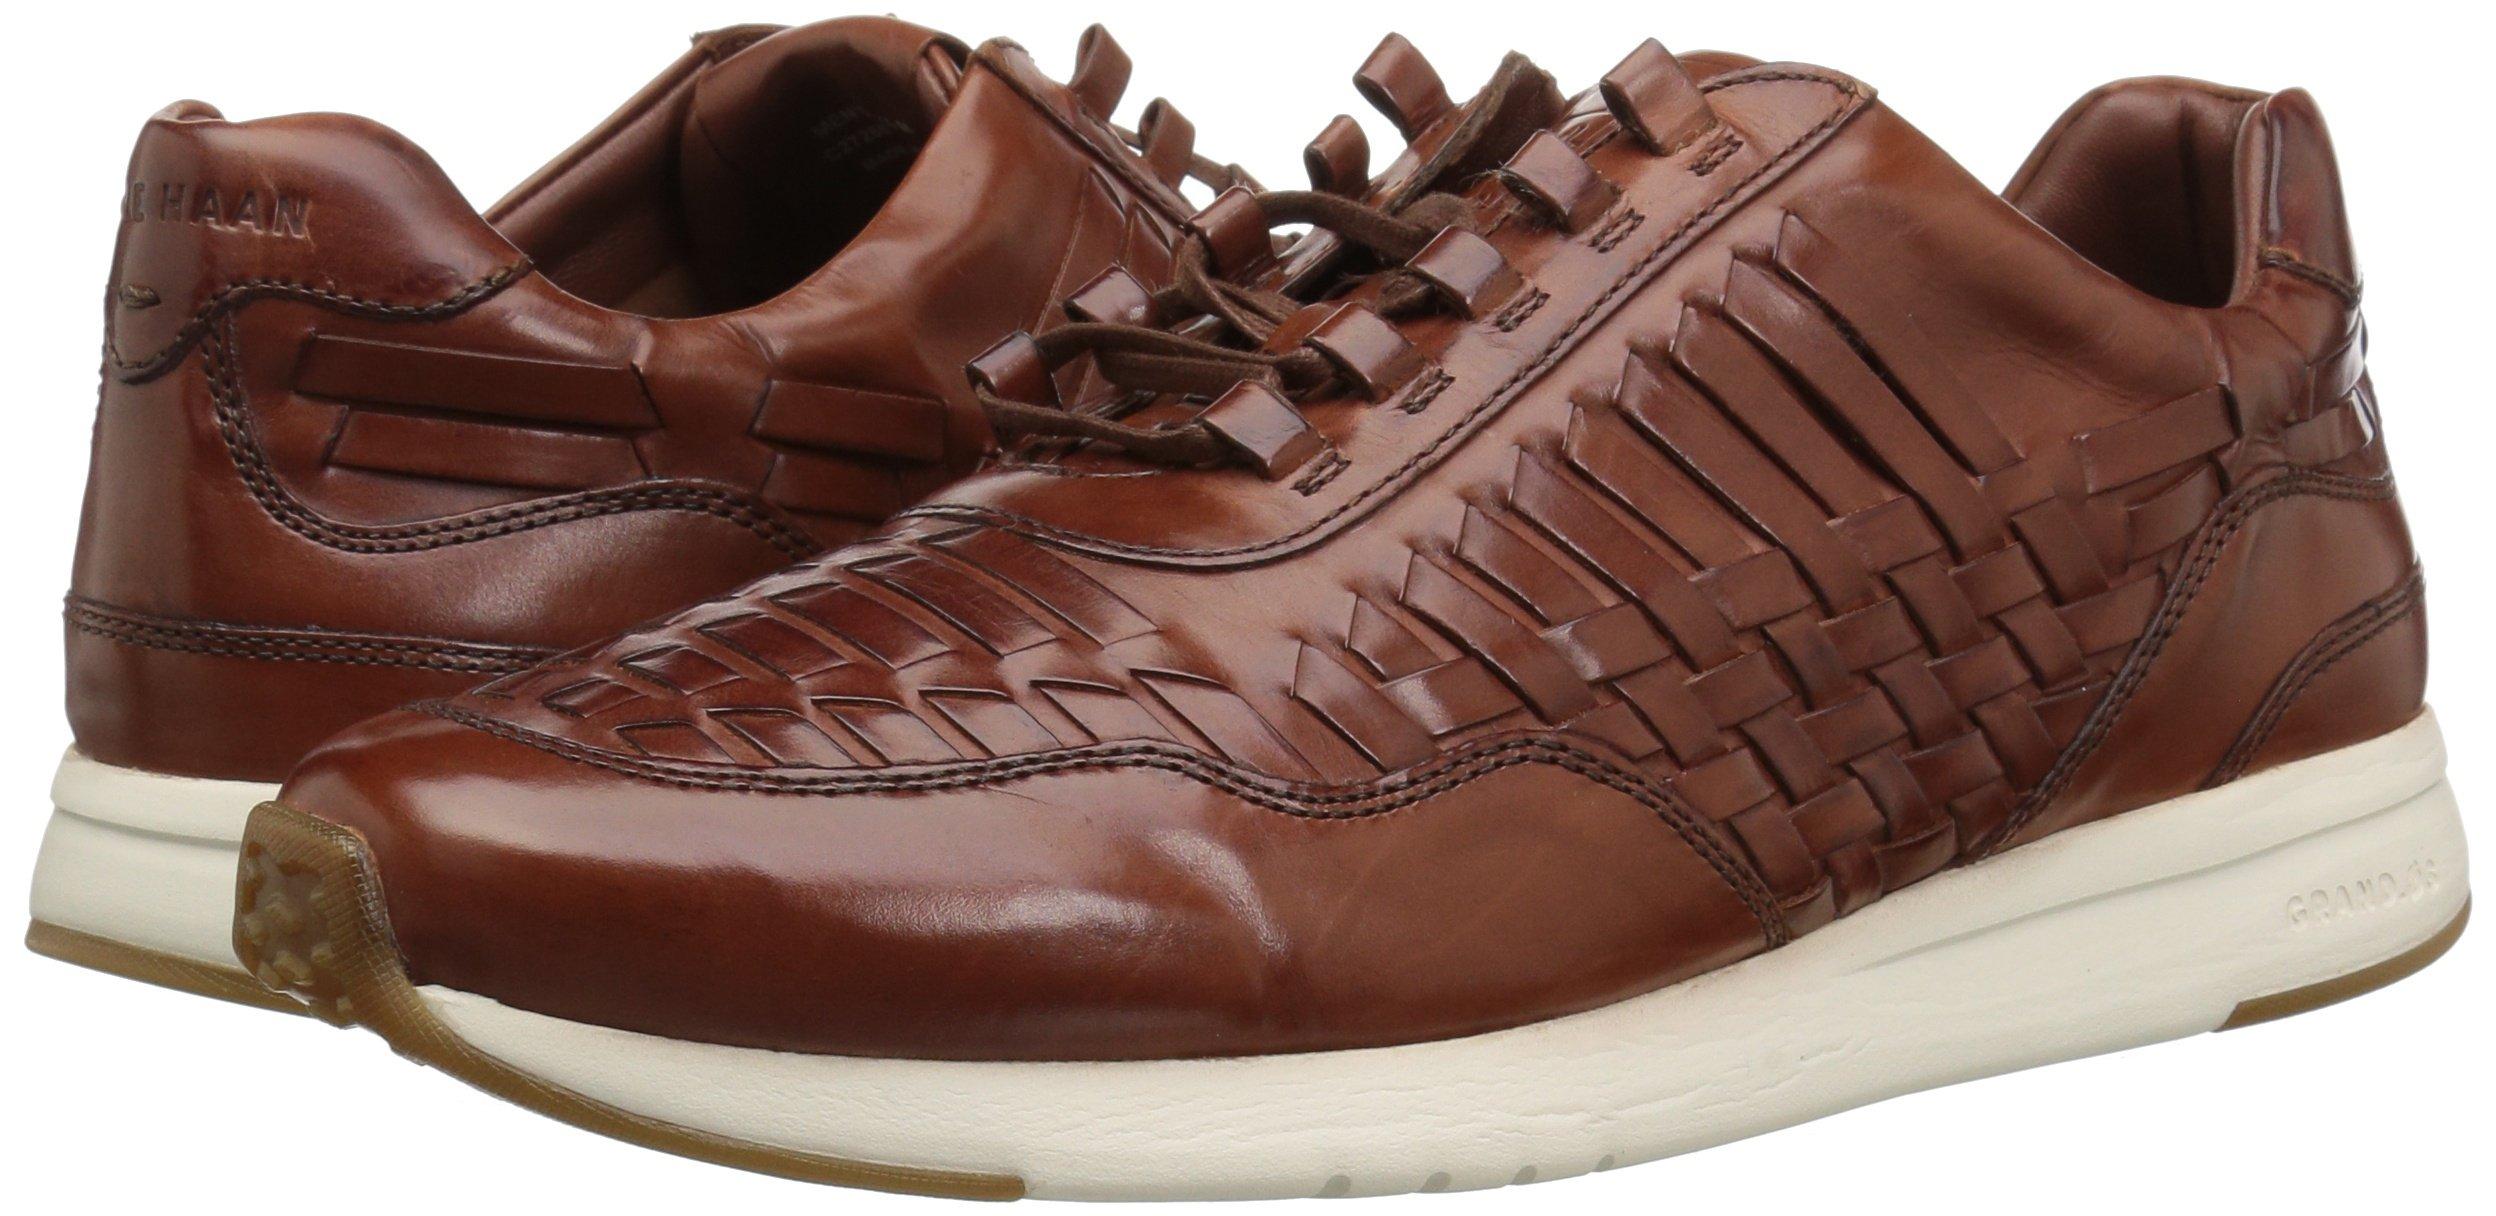 Cole Haan Men's Grandpro Runner Huarache Sneaker, Woodbury Woven Burnish, 12 Medium US by Cole Haan (Image #5)